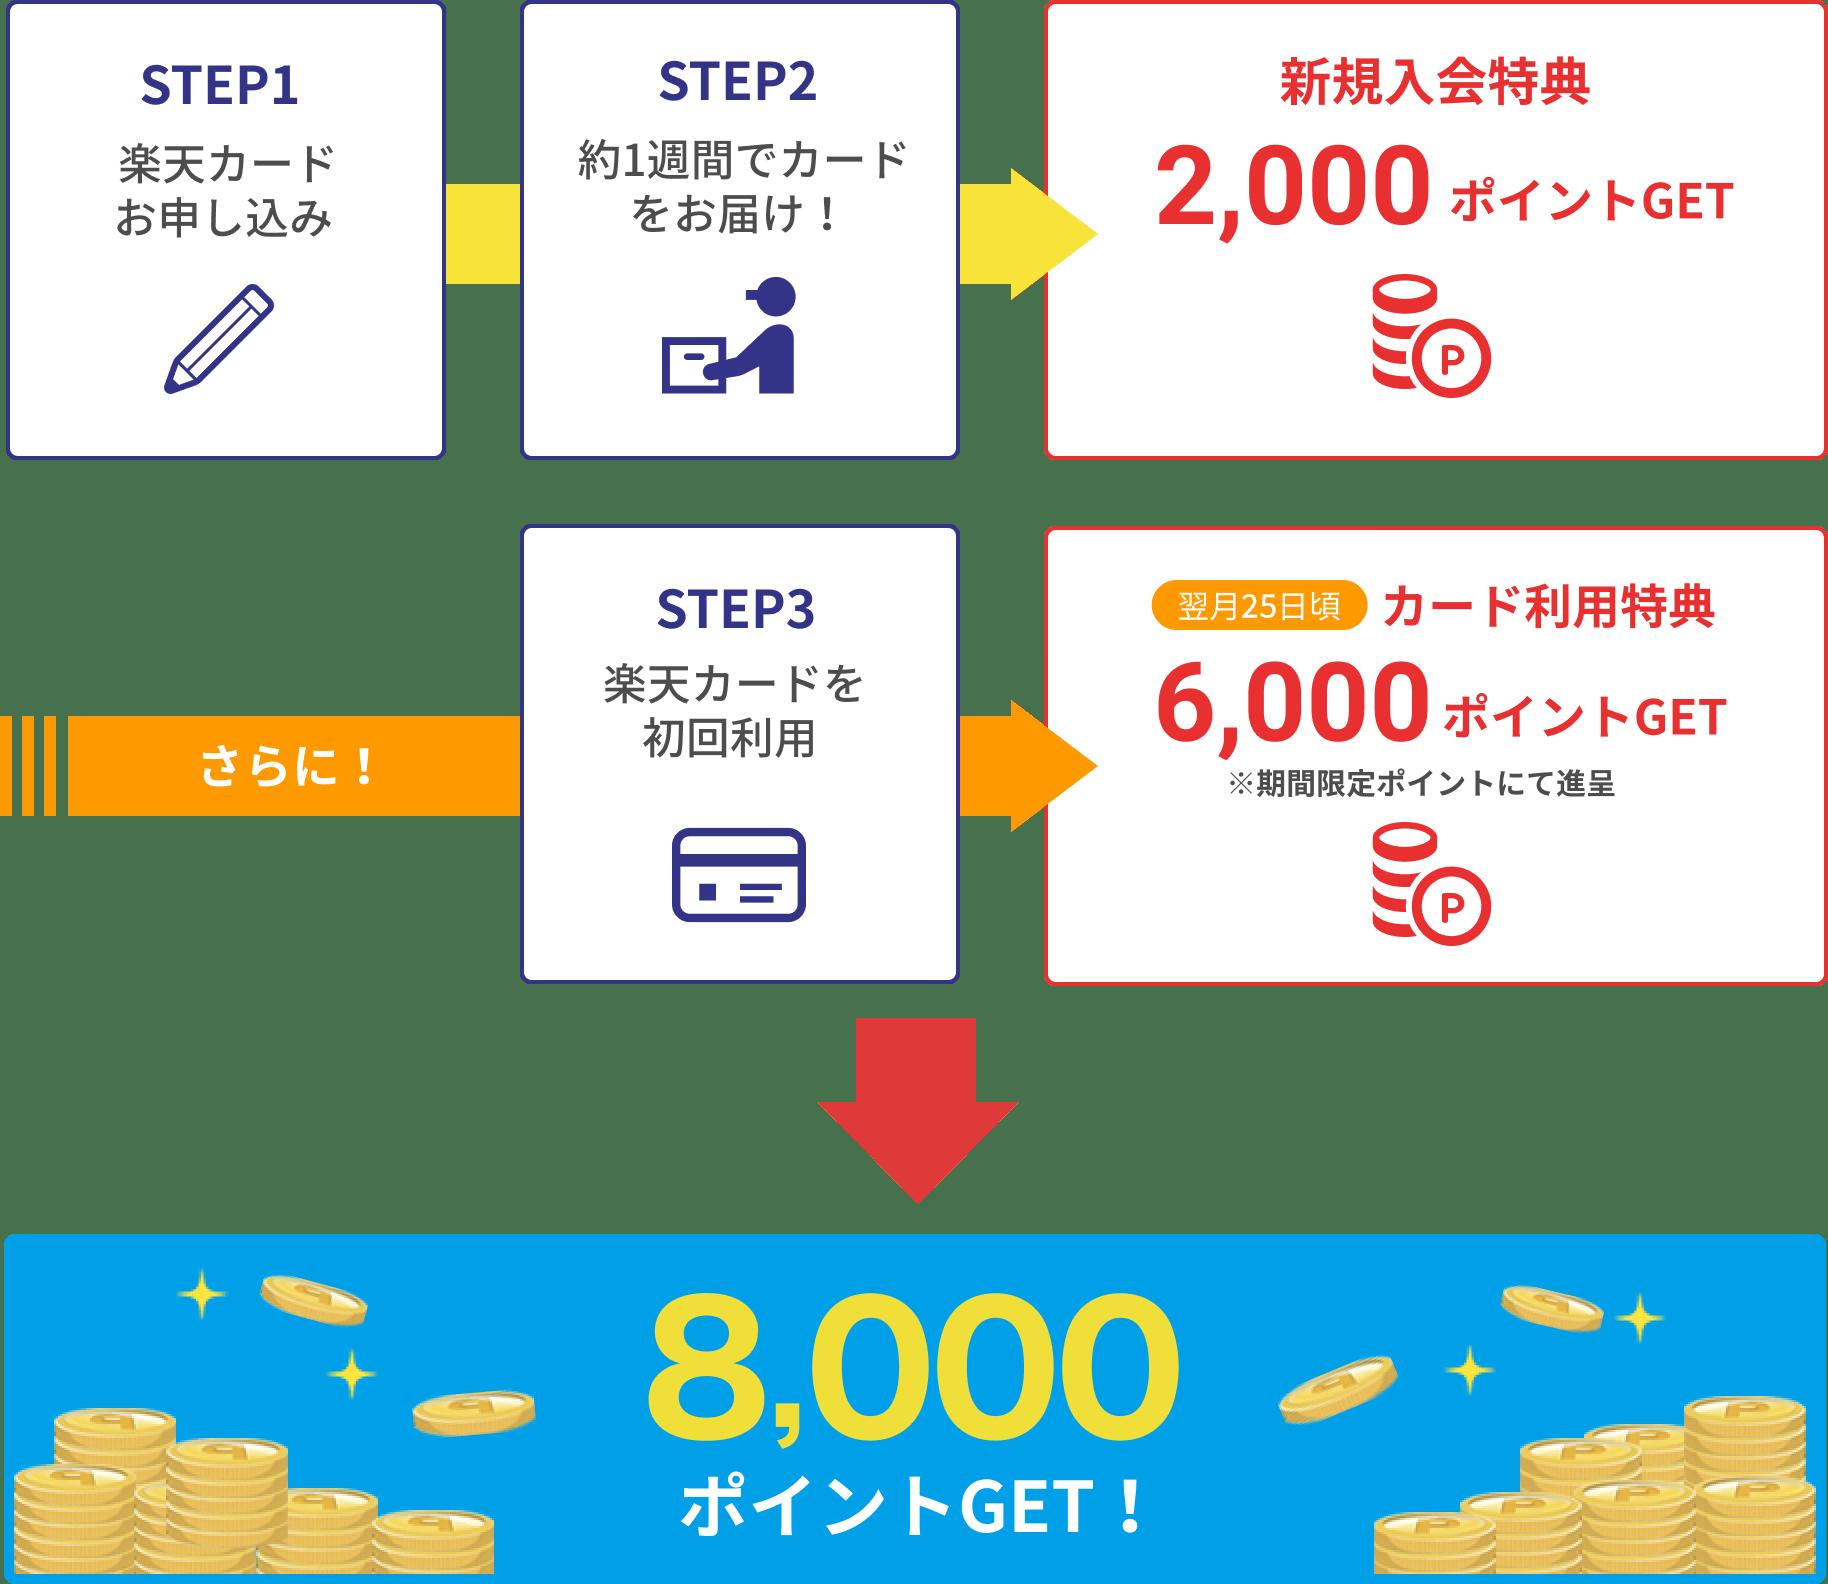 STEP1 楽天カードお申し込み STEP2 約1週間でカードをお届け! 新規入会特典 2,000ポイントGET さらに! STEP3 楽天カードを初回利用 翌月20日頃カード利用特典6,000ポイントGET※期間限定ポイントにて進呈 8,000ポイントGET!